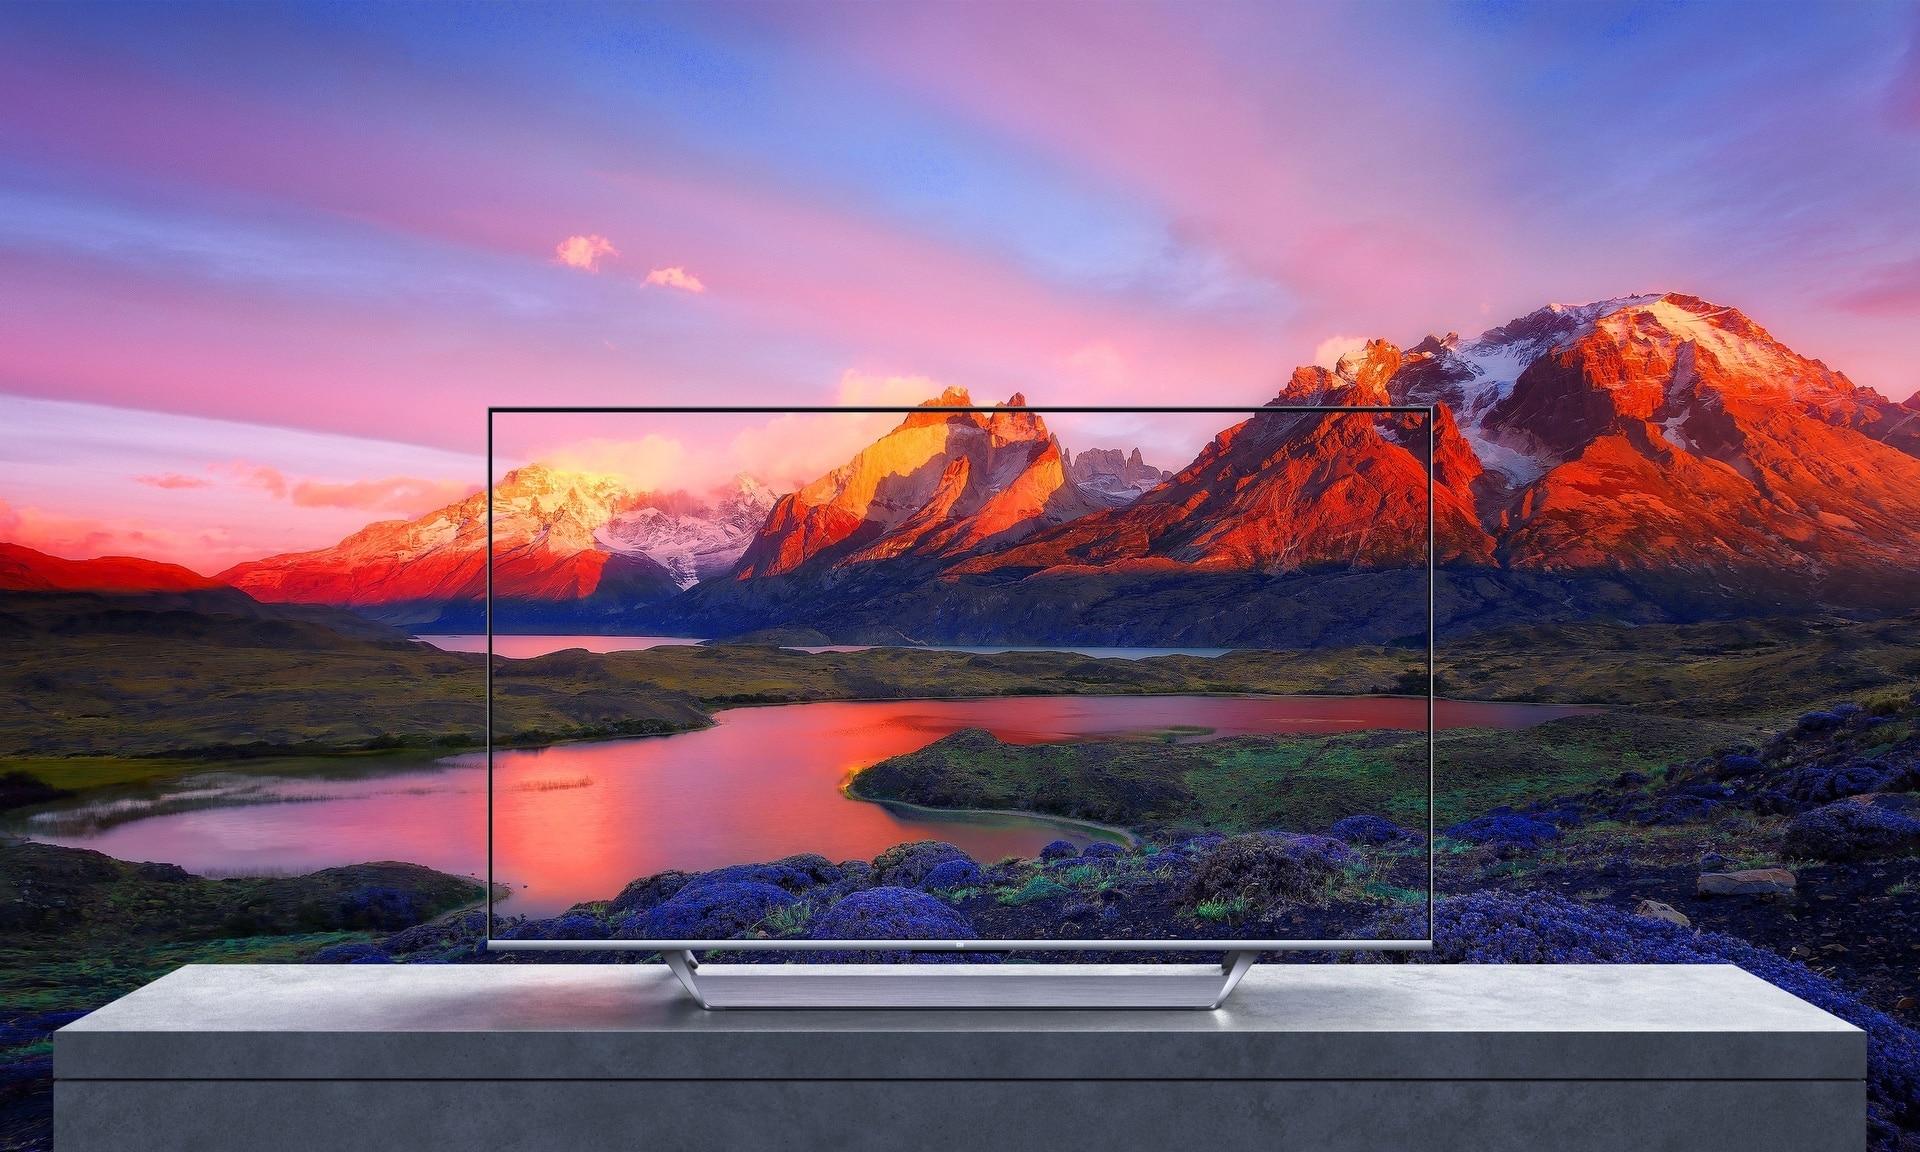 Mi TV Q1 75'': la più grande TV di Xiaomi arriva in Italia a meno di 1.000 euro (foto e video)